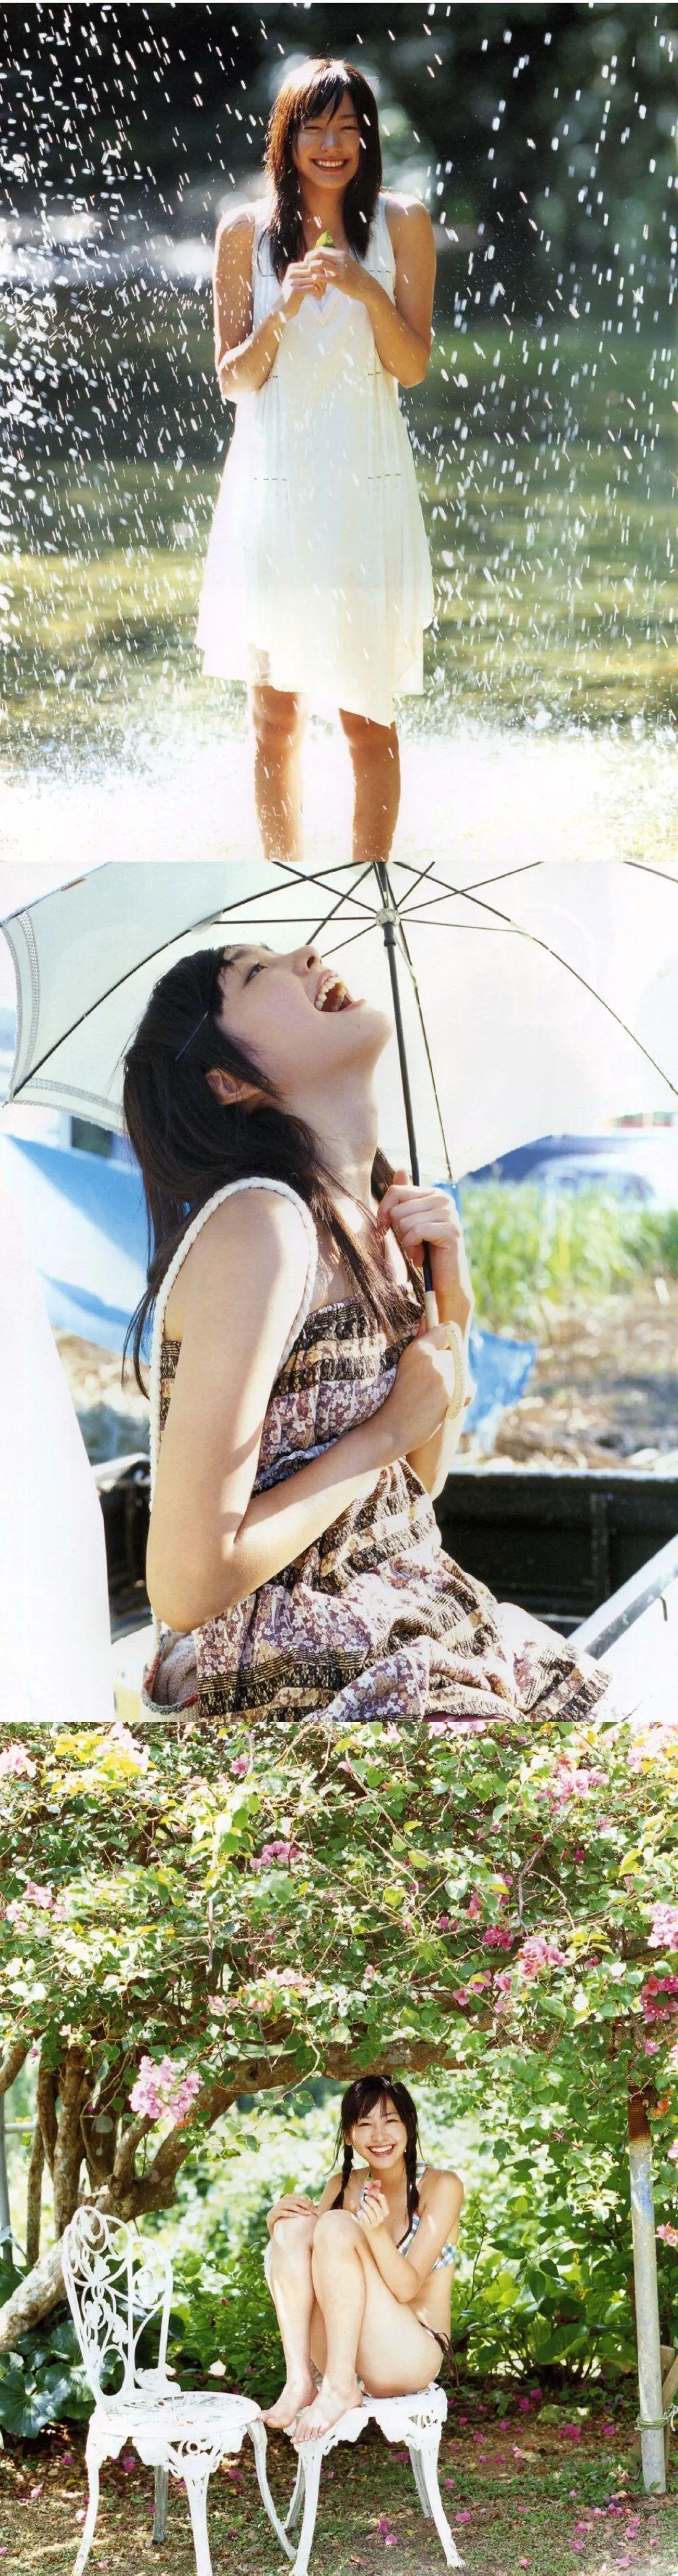 新垣结衣泳装写真集,《水漾青春17岁》_图片 No.8